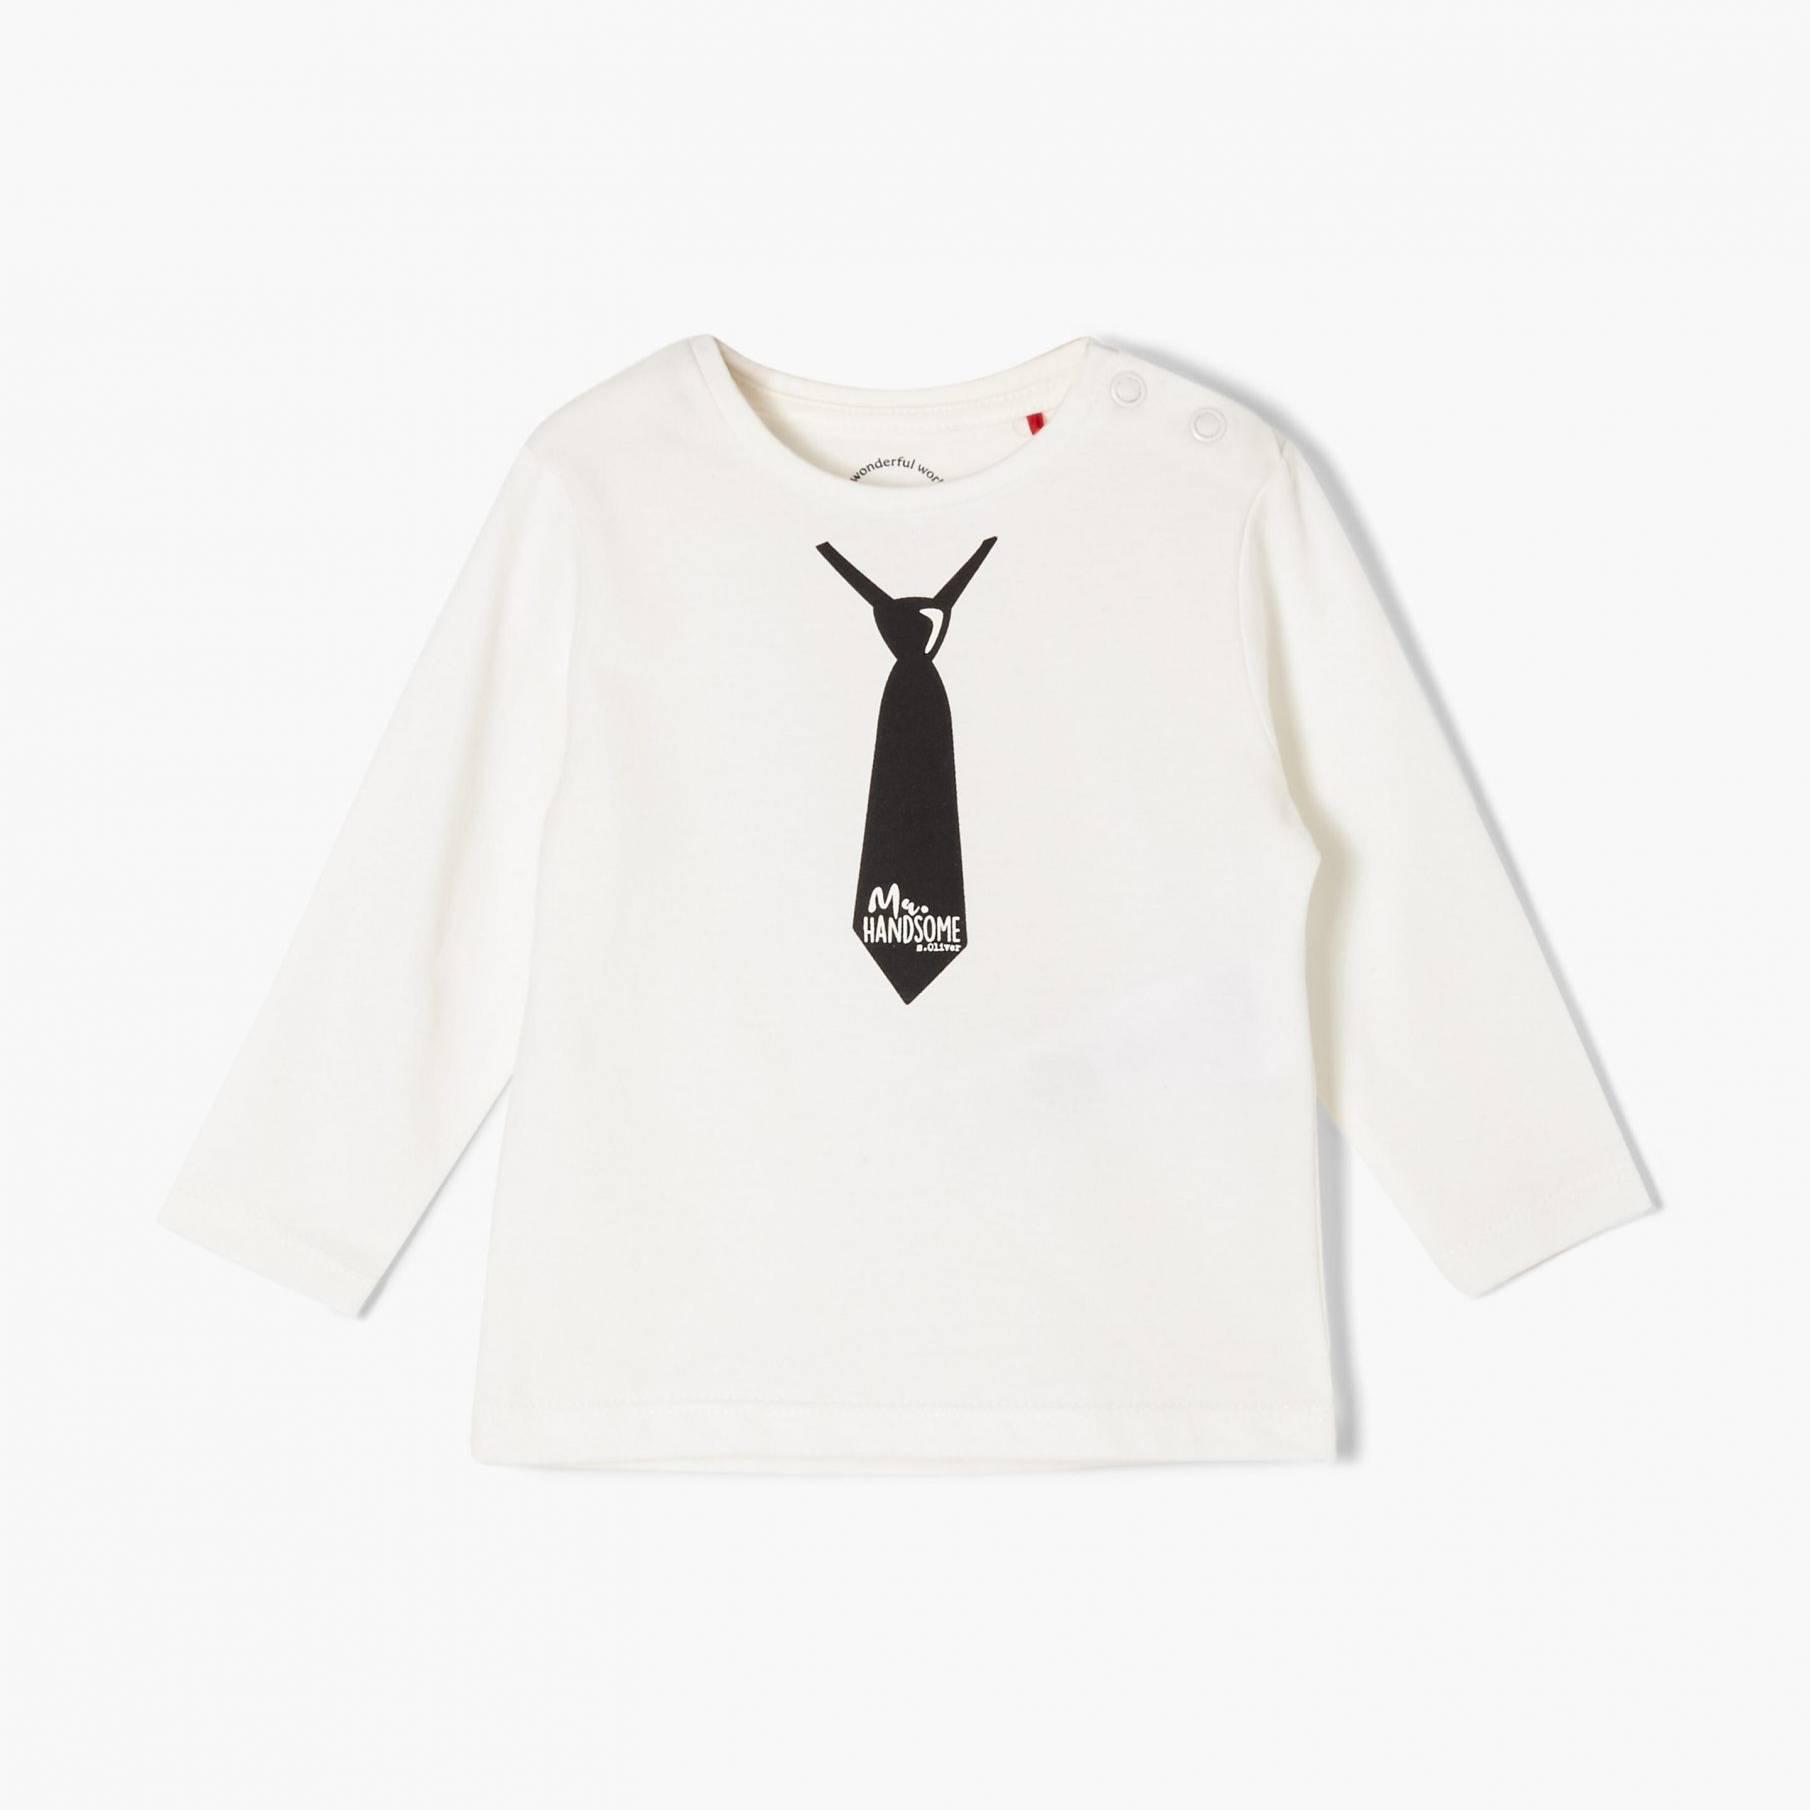 s.oliver_ mr.handsome_bebi fiu nyakkendos hosszuujju_polo_front